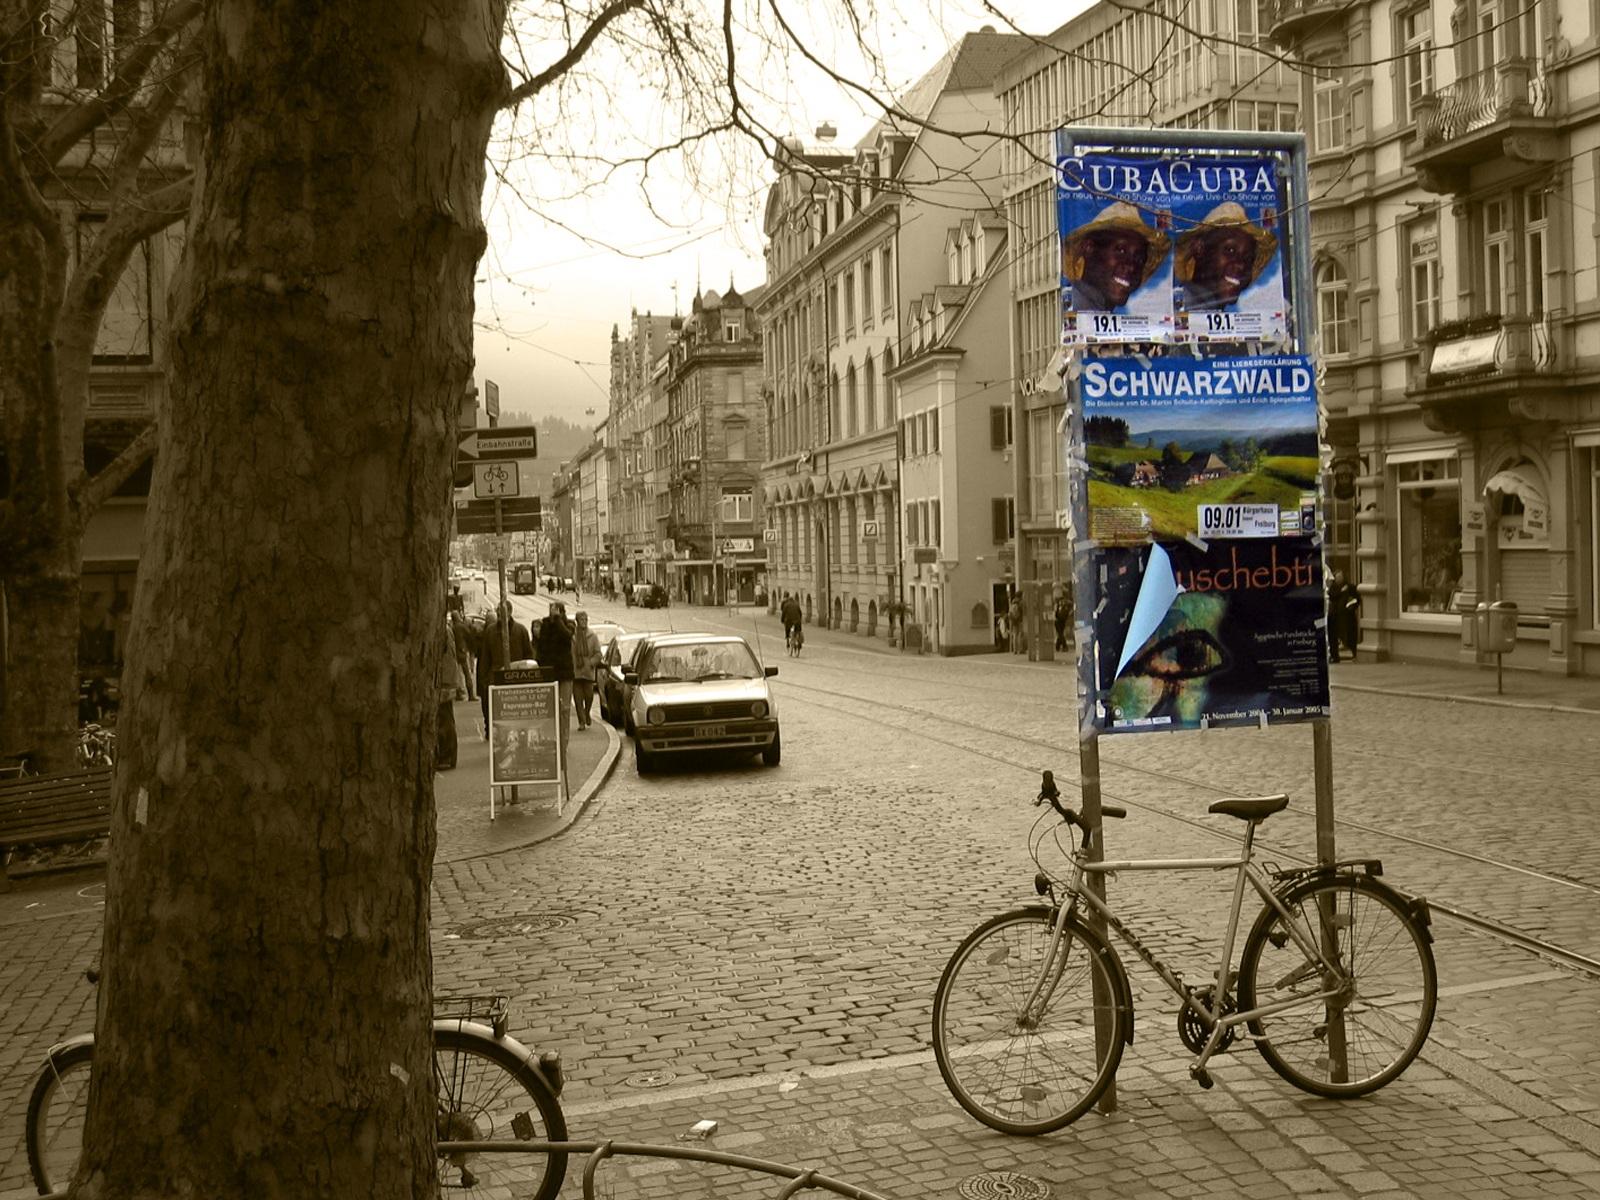 Agentur in Villingen für Plakat-werbung, Rottweil, Tuttlingen